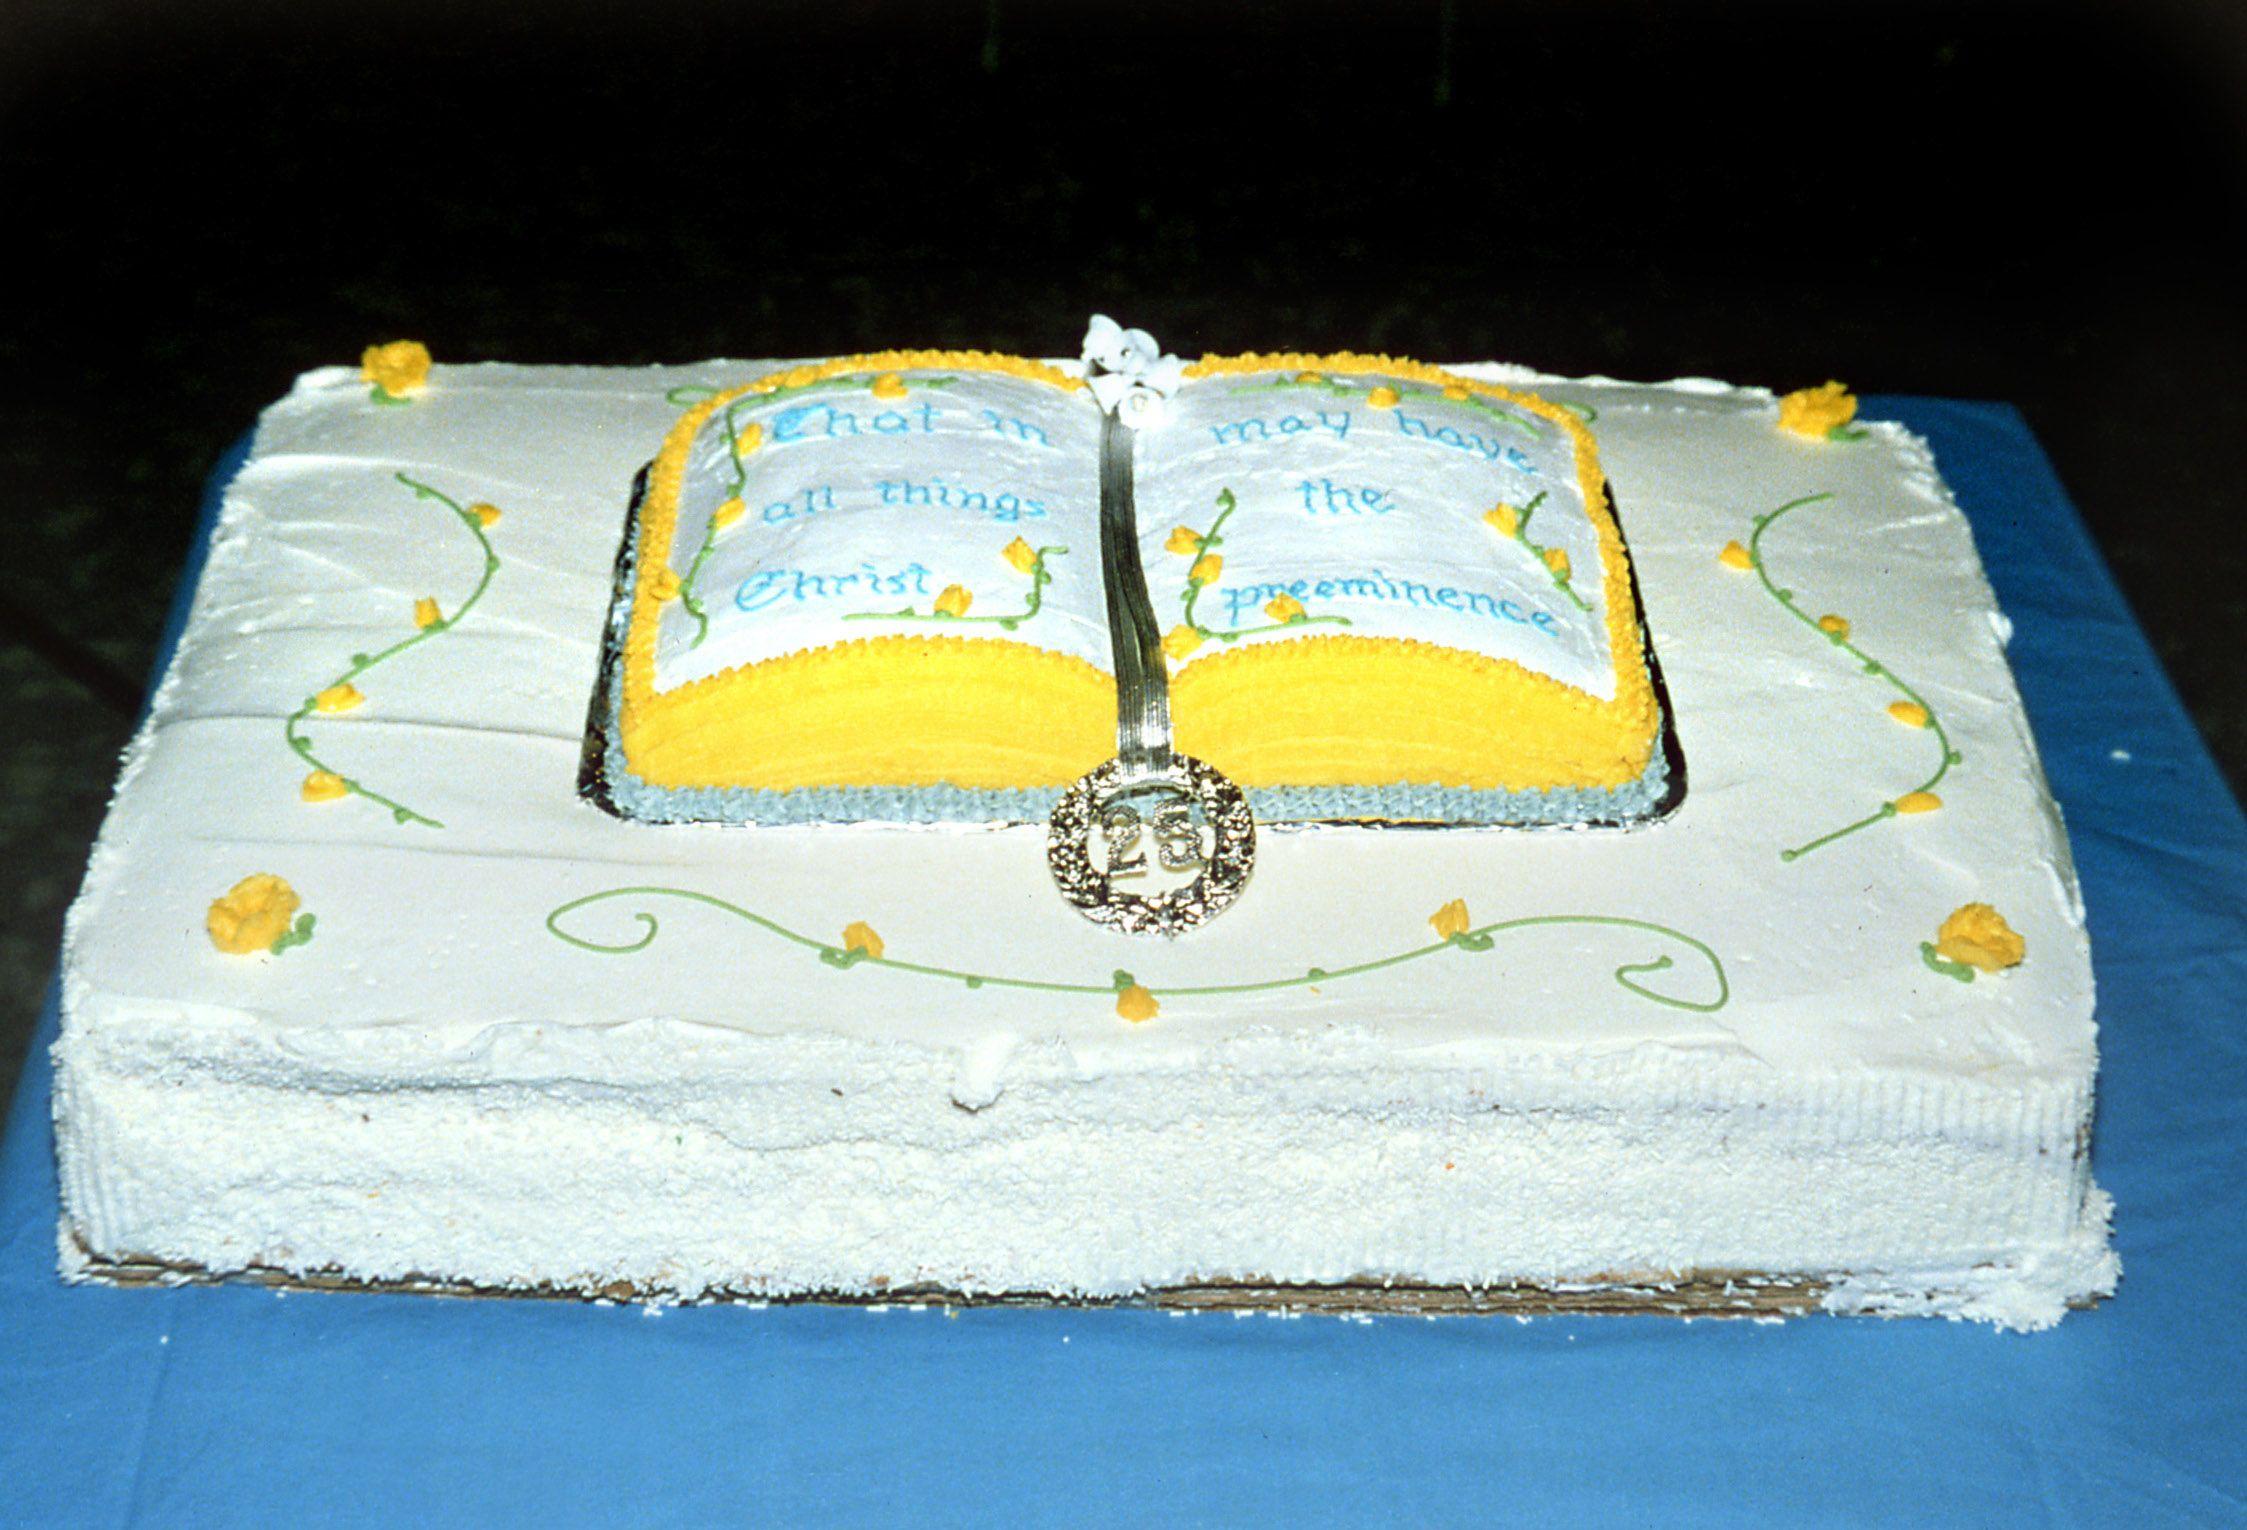 Church Anniversary Cake Anniversary Cake Cake Anniversary Decorations